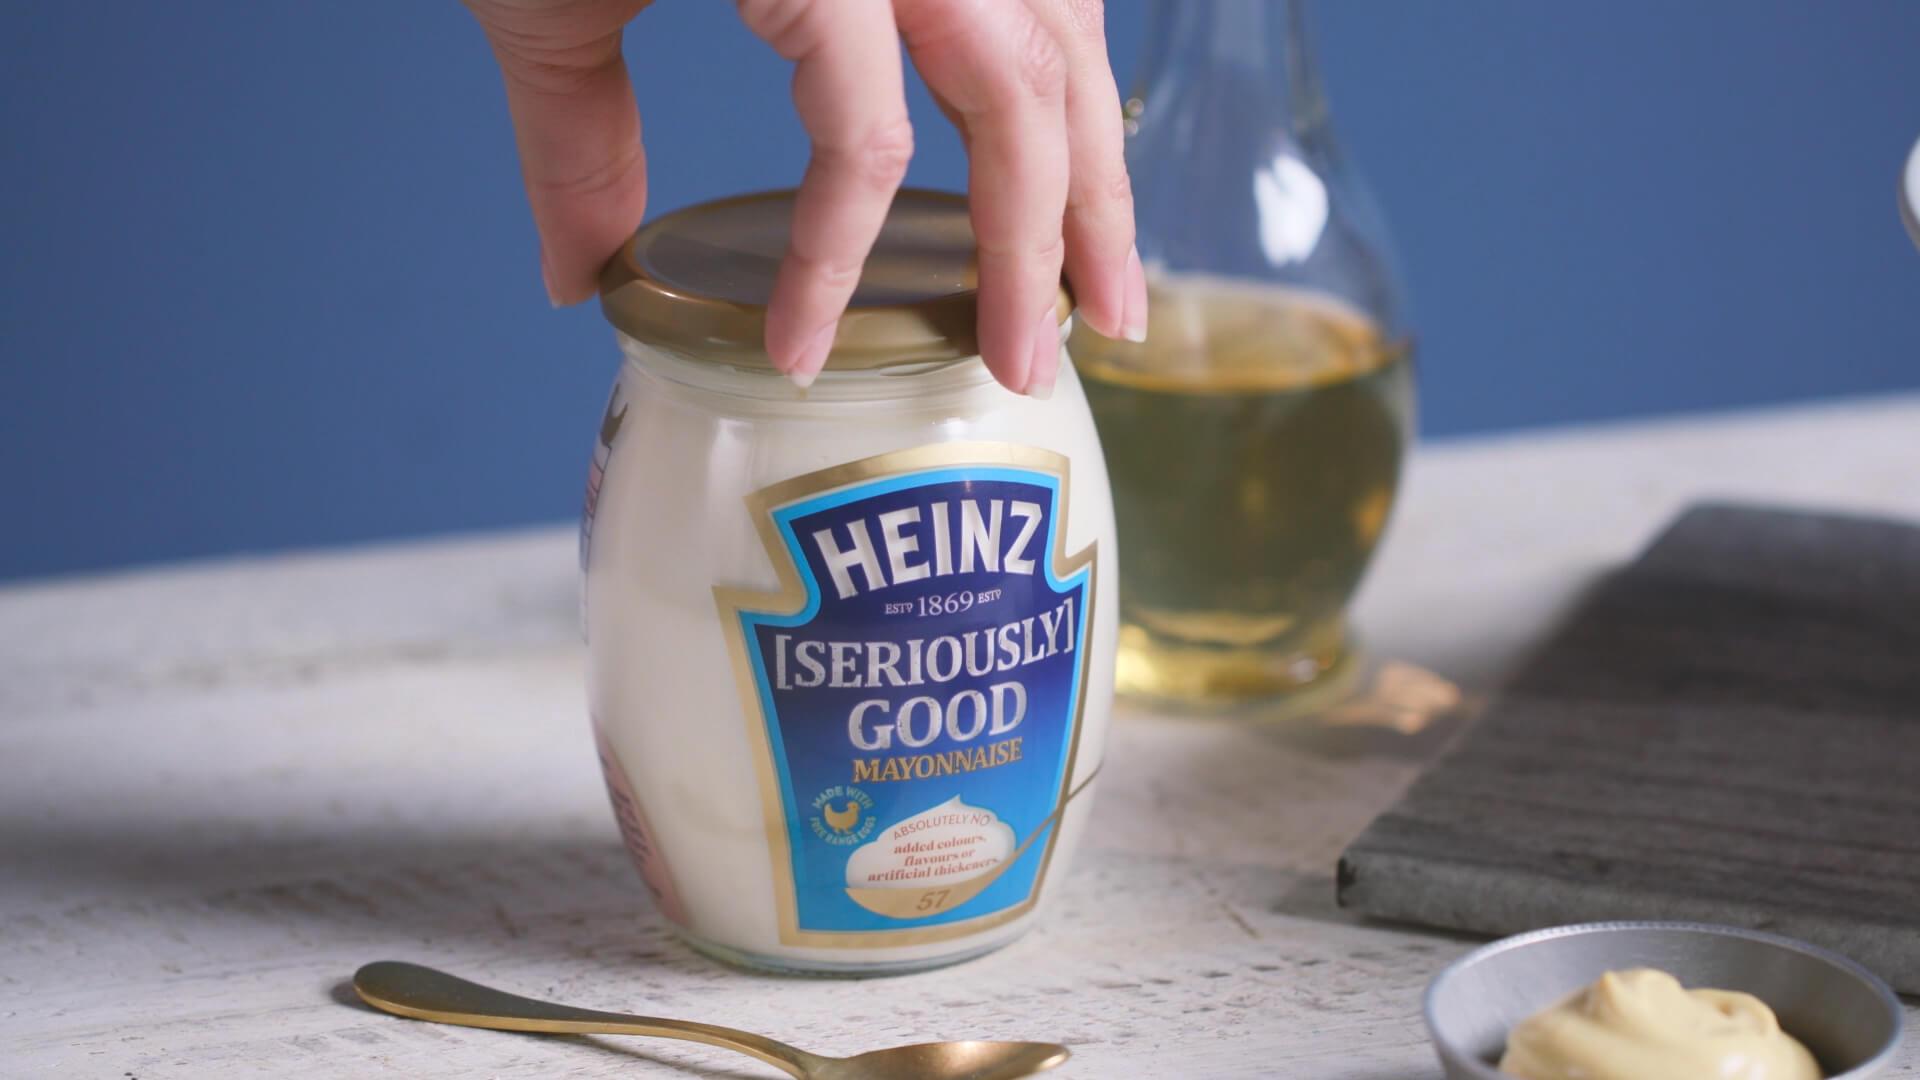 Heinz - 'Seriously good mayonnaise' TV ad